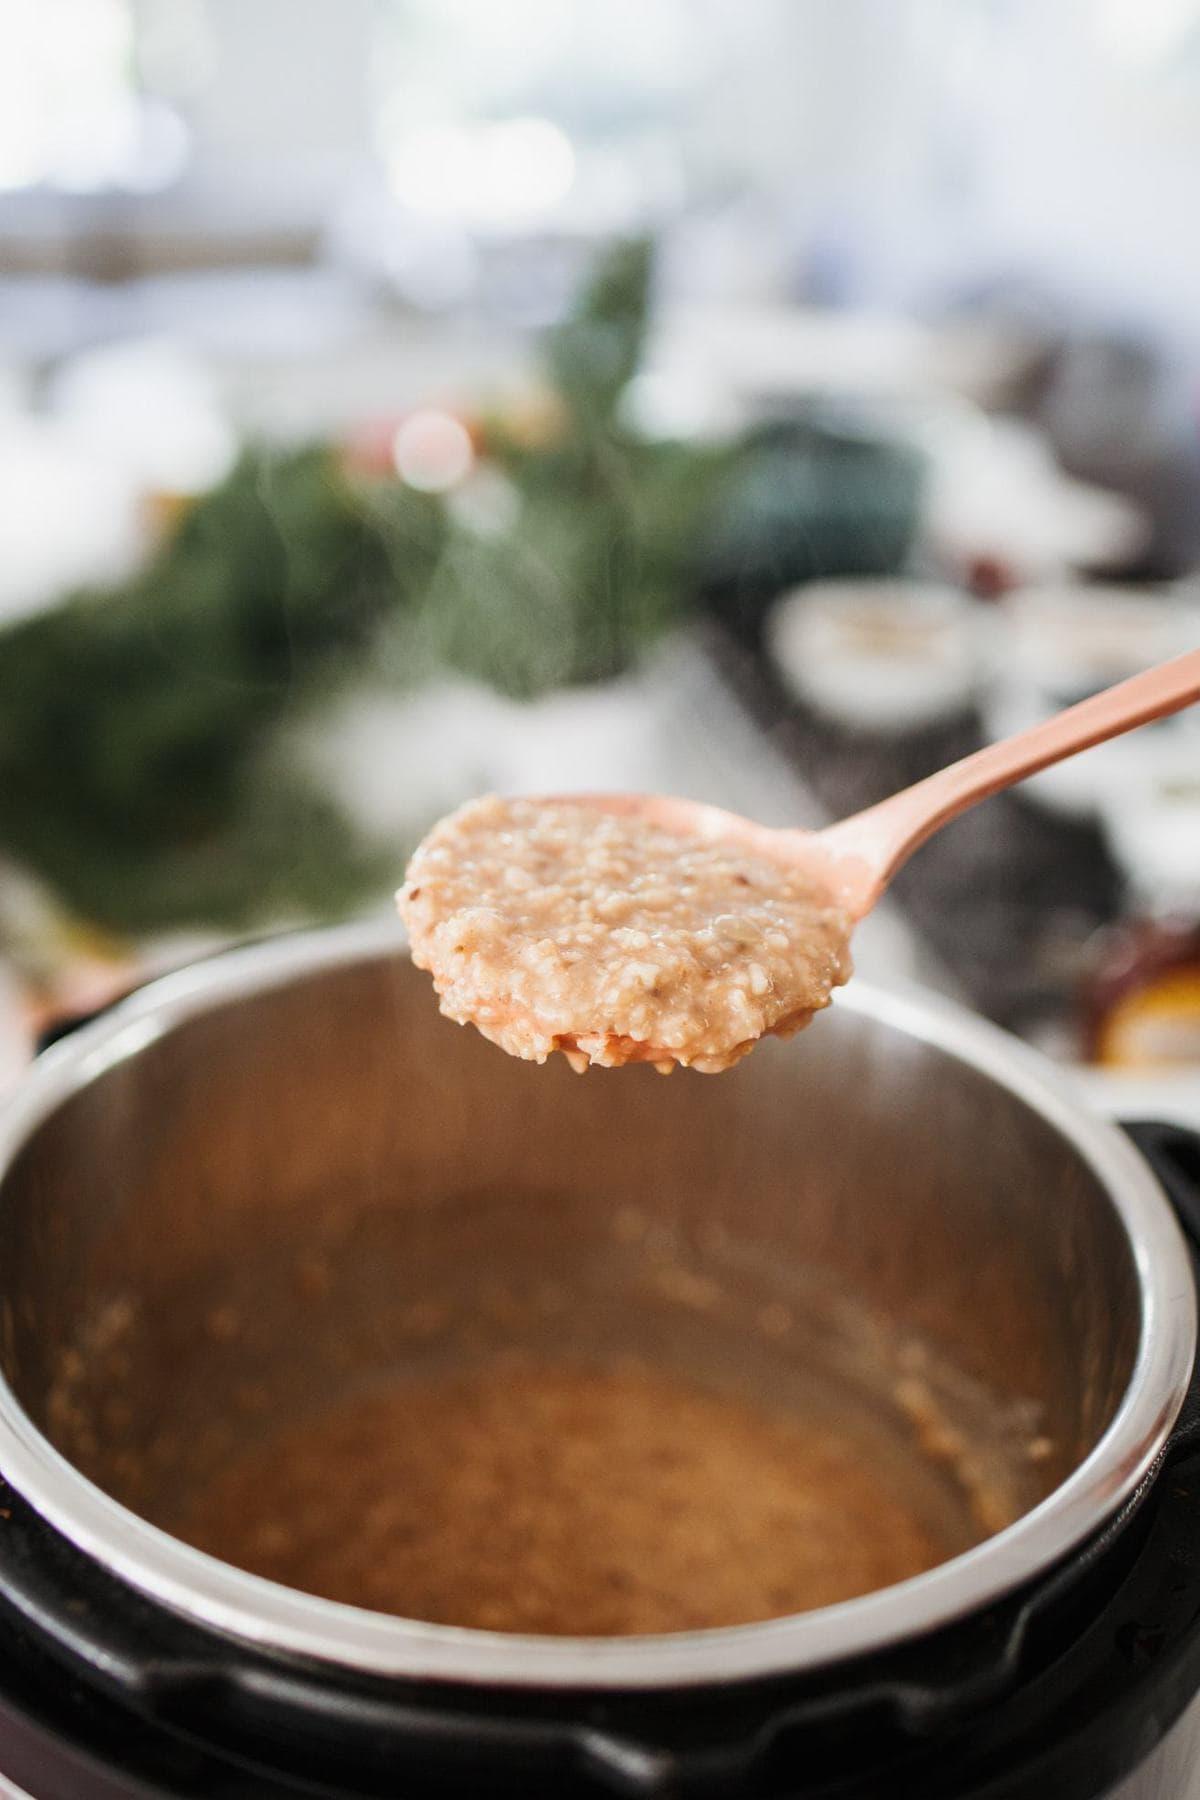 Kohl's Copper ladle